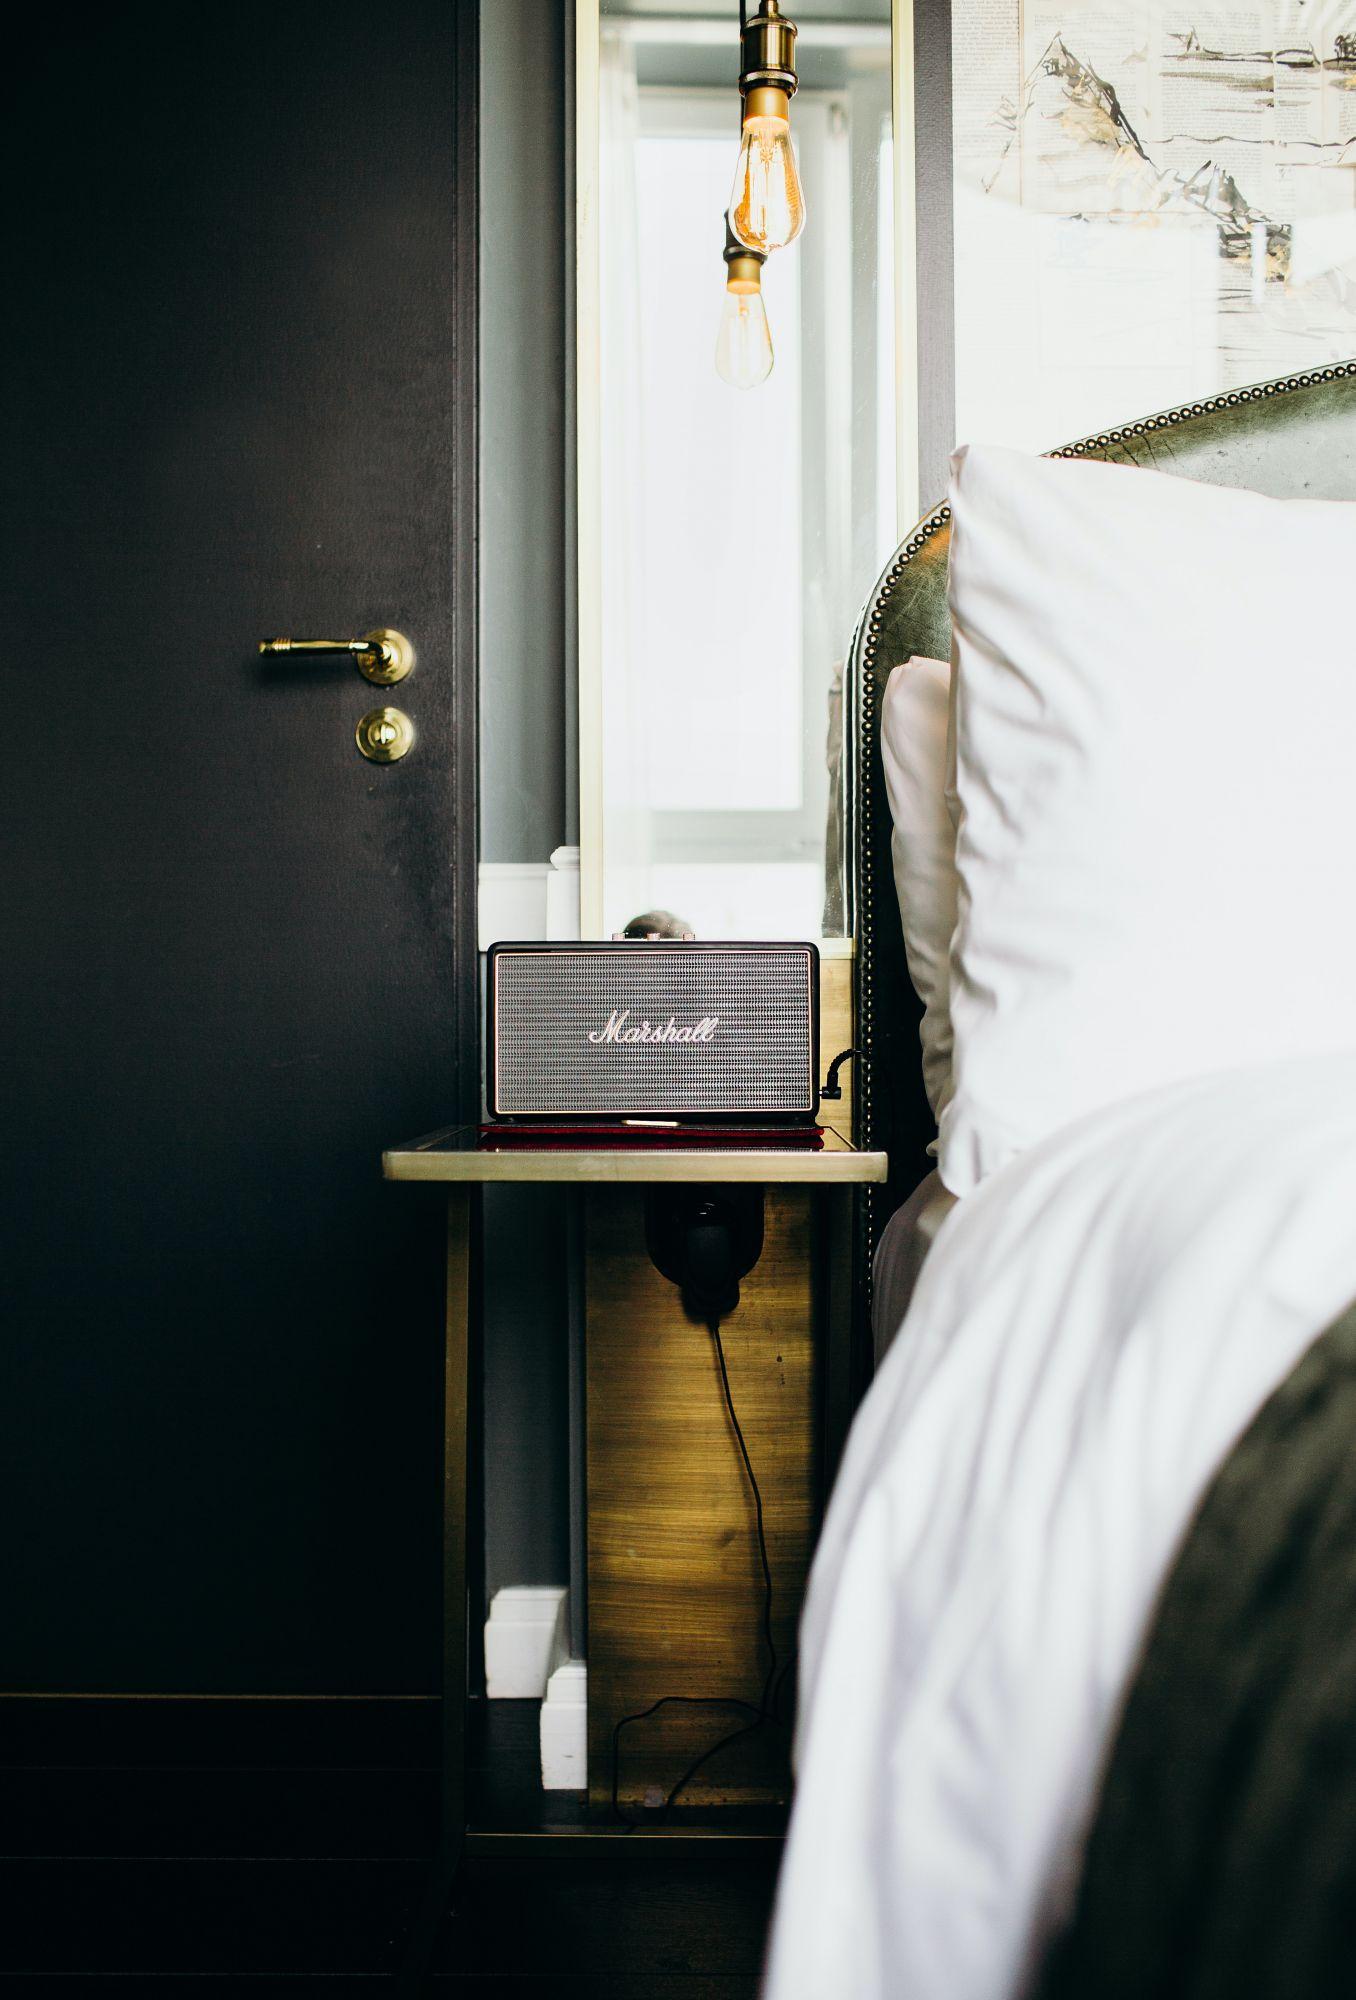 Arredare casa con le mensole: comodini alternativi in camera da letto